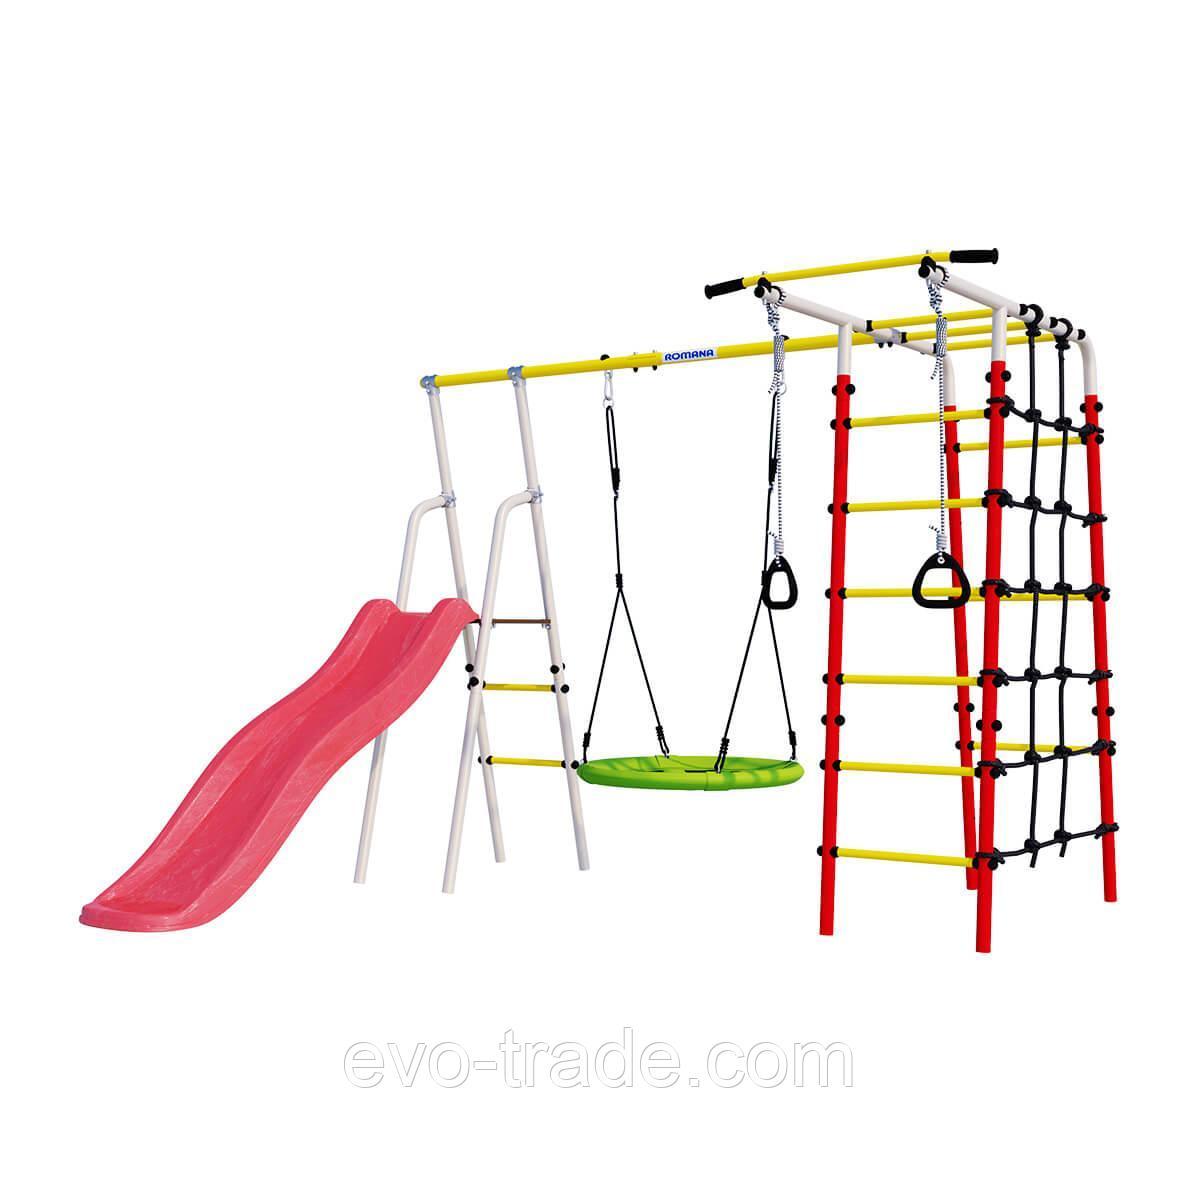 Детский спортивный комплекс Богатырь ROMANA (Качели гнездо)